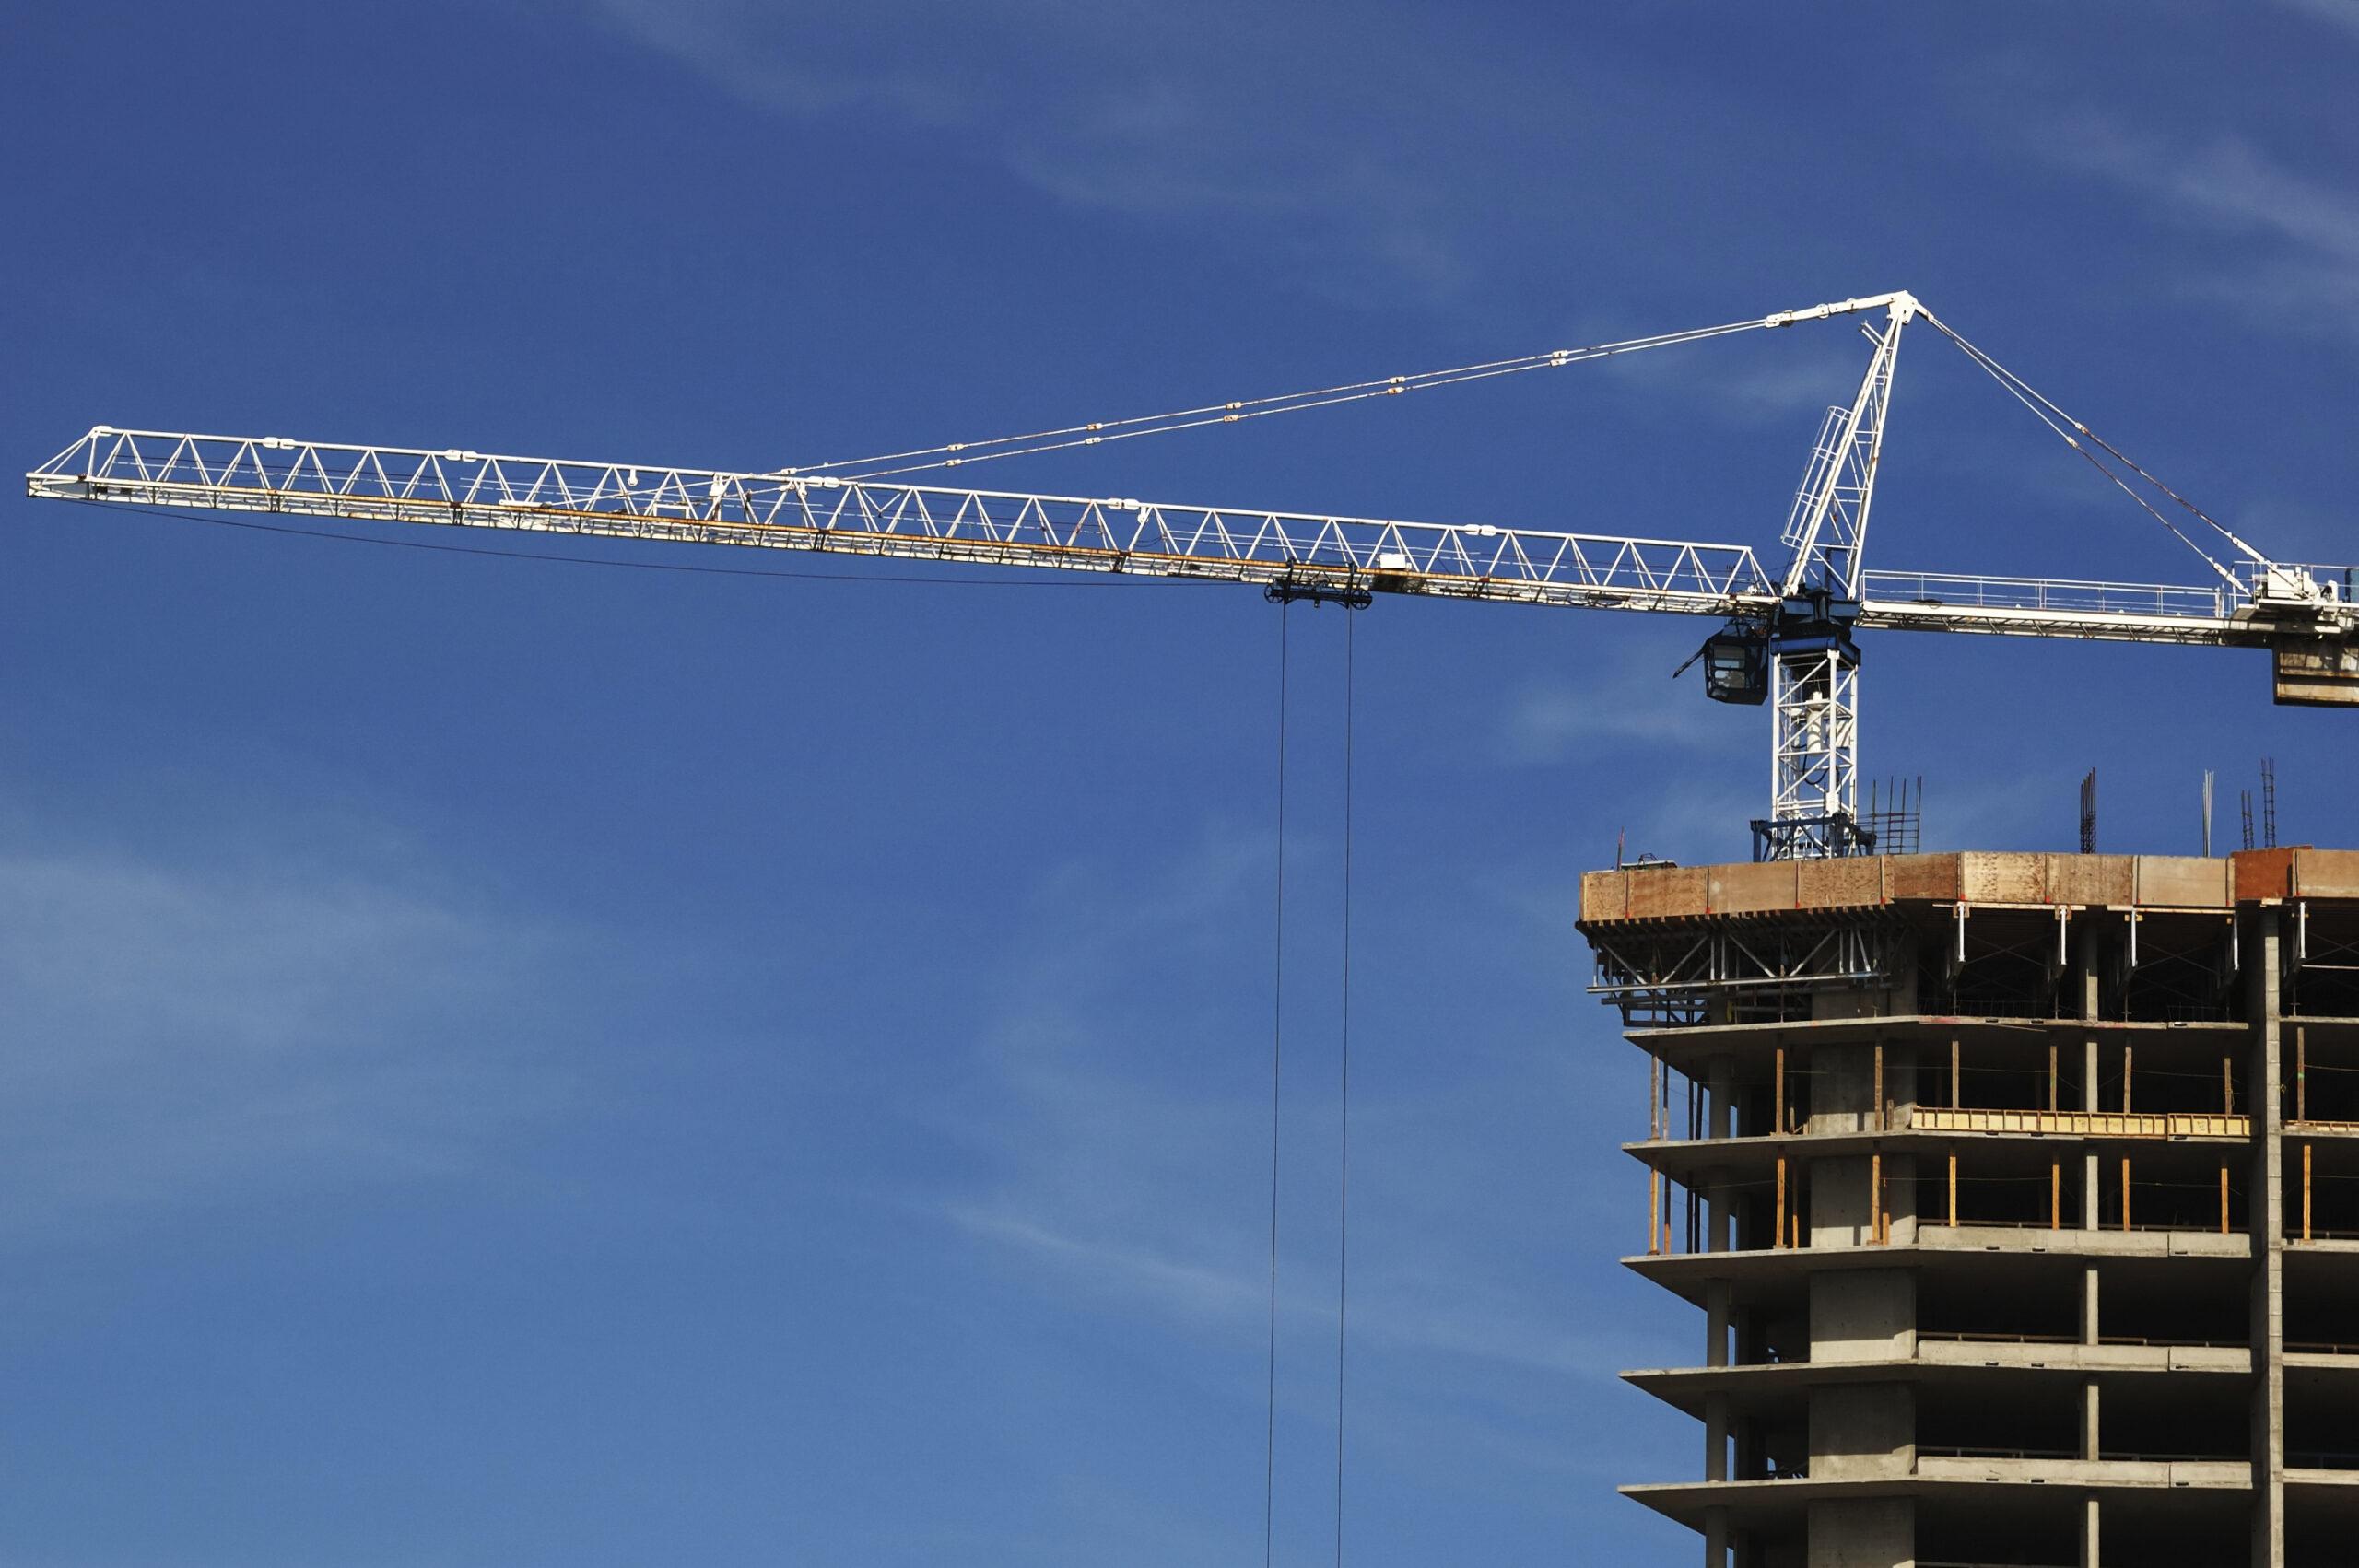 Gelijke kansen bij toewijzing nieuwbouw